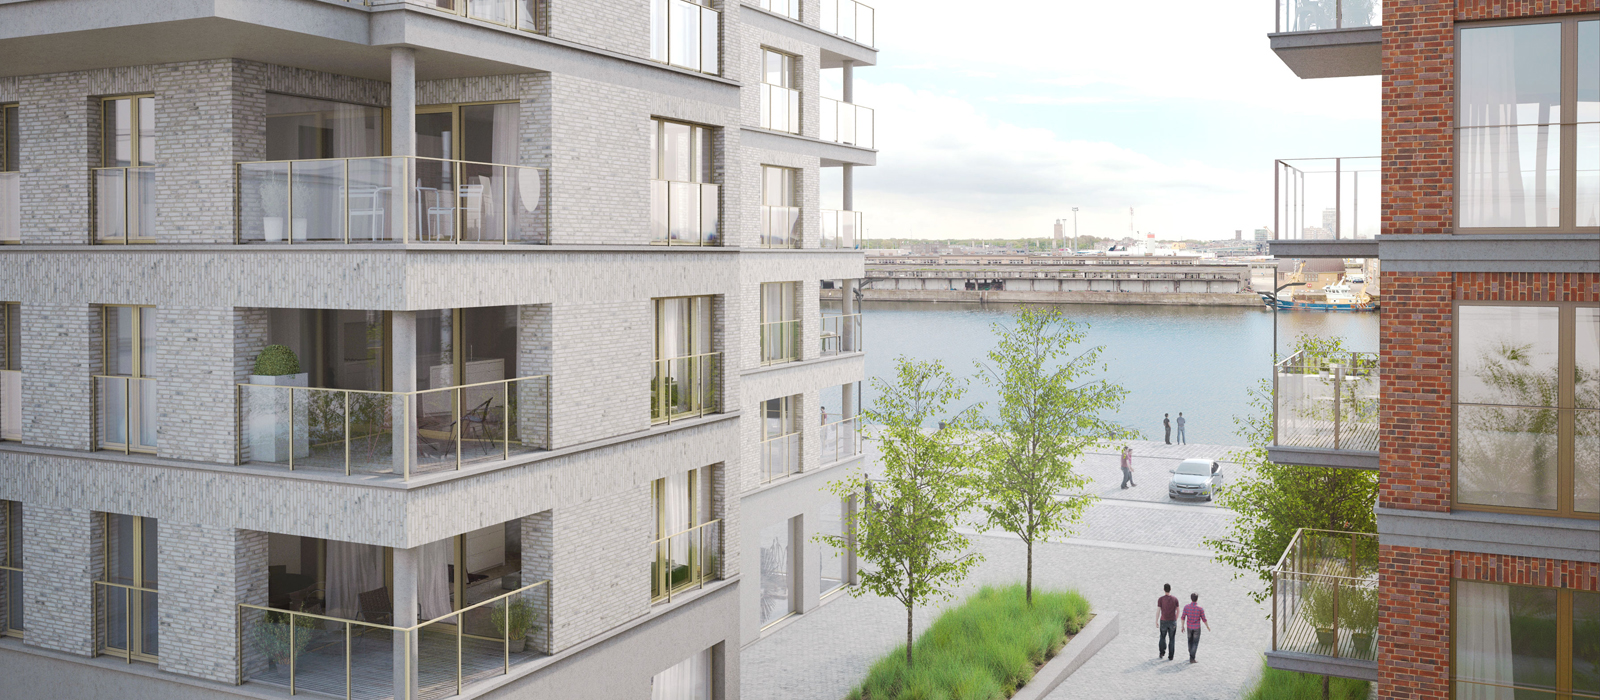 Baelskaai Oostende / Prachtige nieuwbouwappartementen met zicht op zee